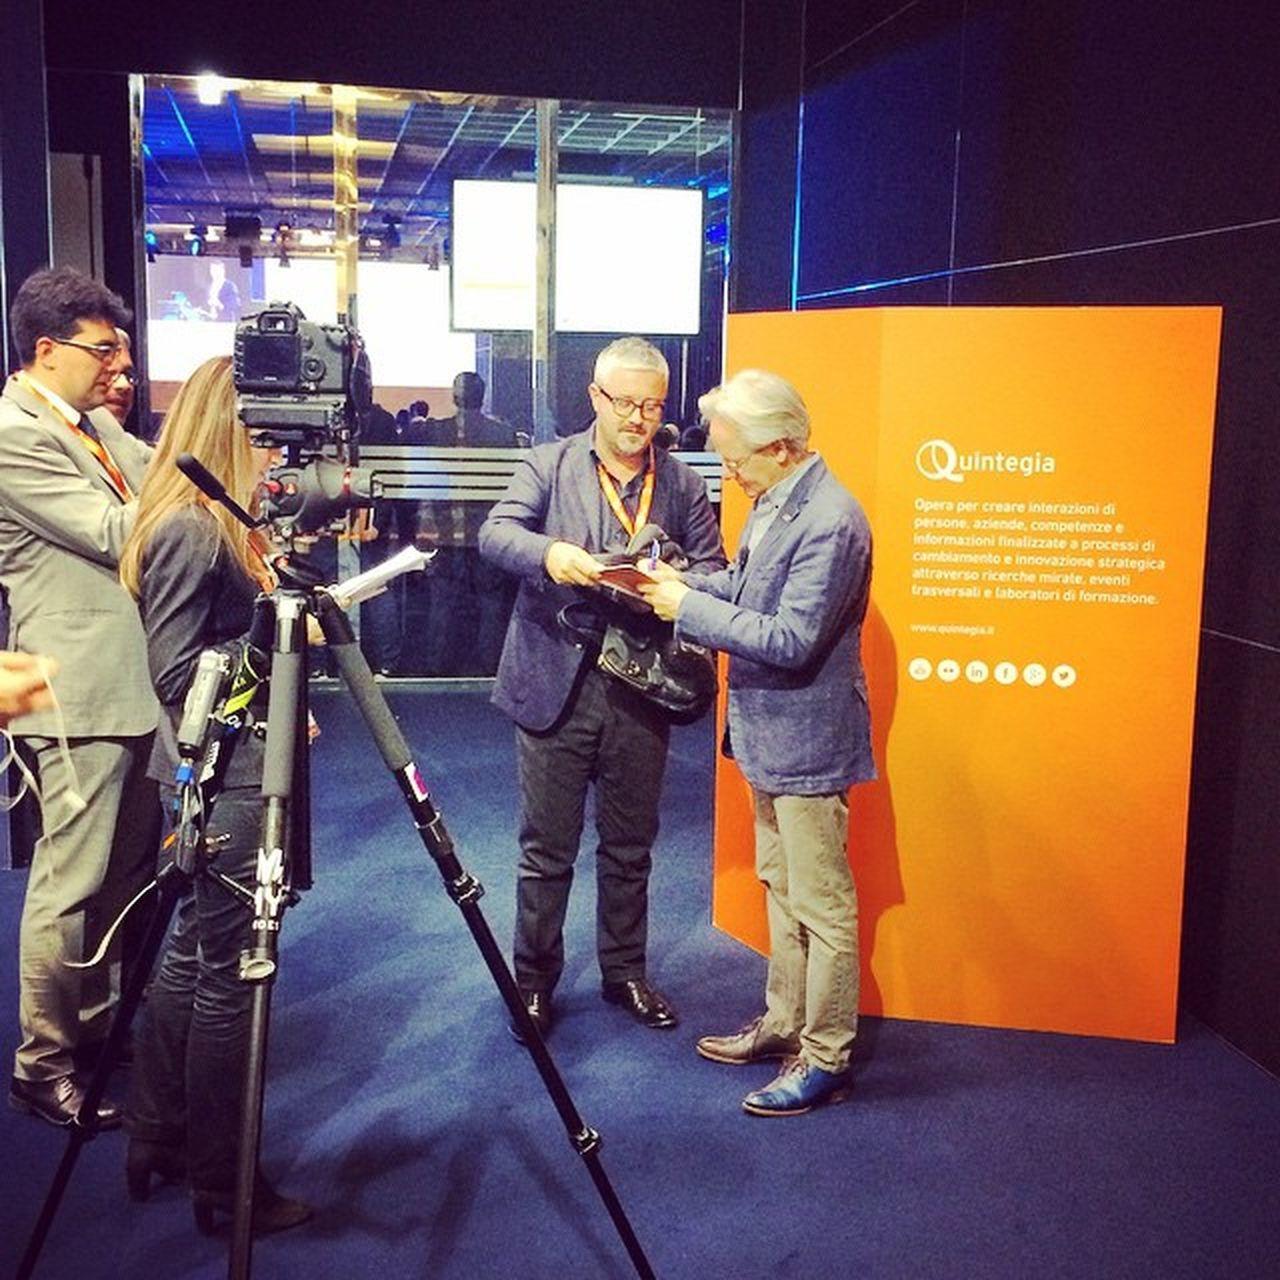 Orange Verona Pagani Passione Impegno Visione ADD15 Impararequalcosa Paganiautomobili Macchinapiubelladelmondo